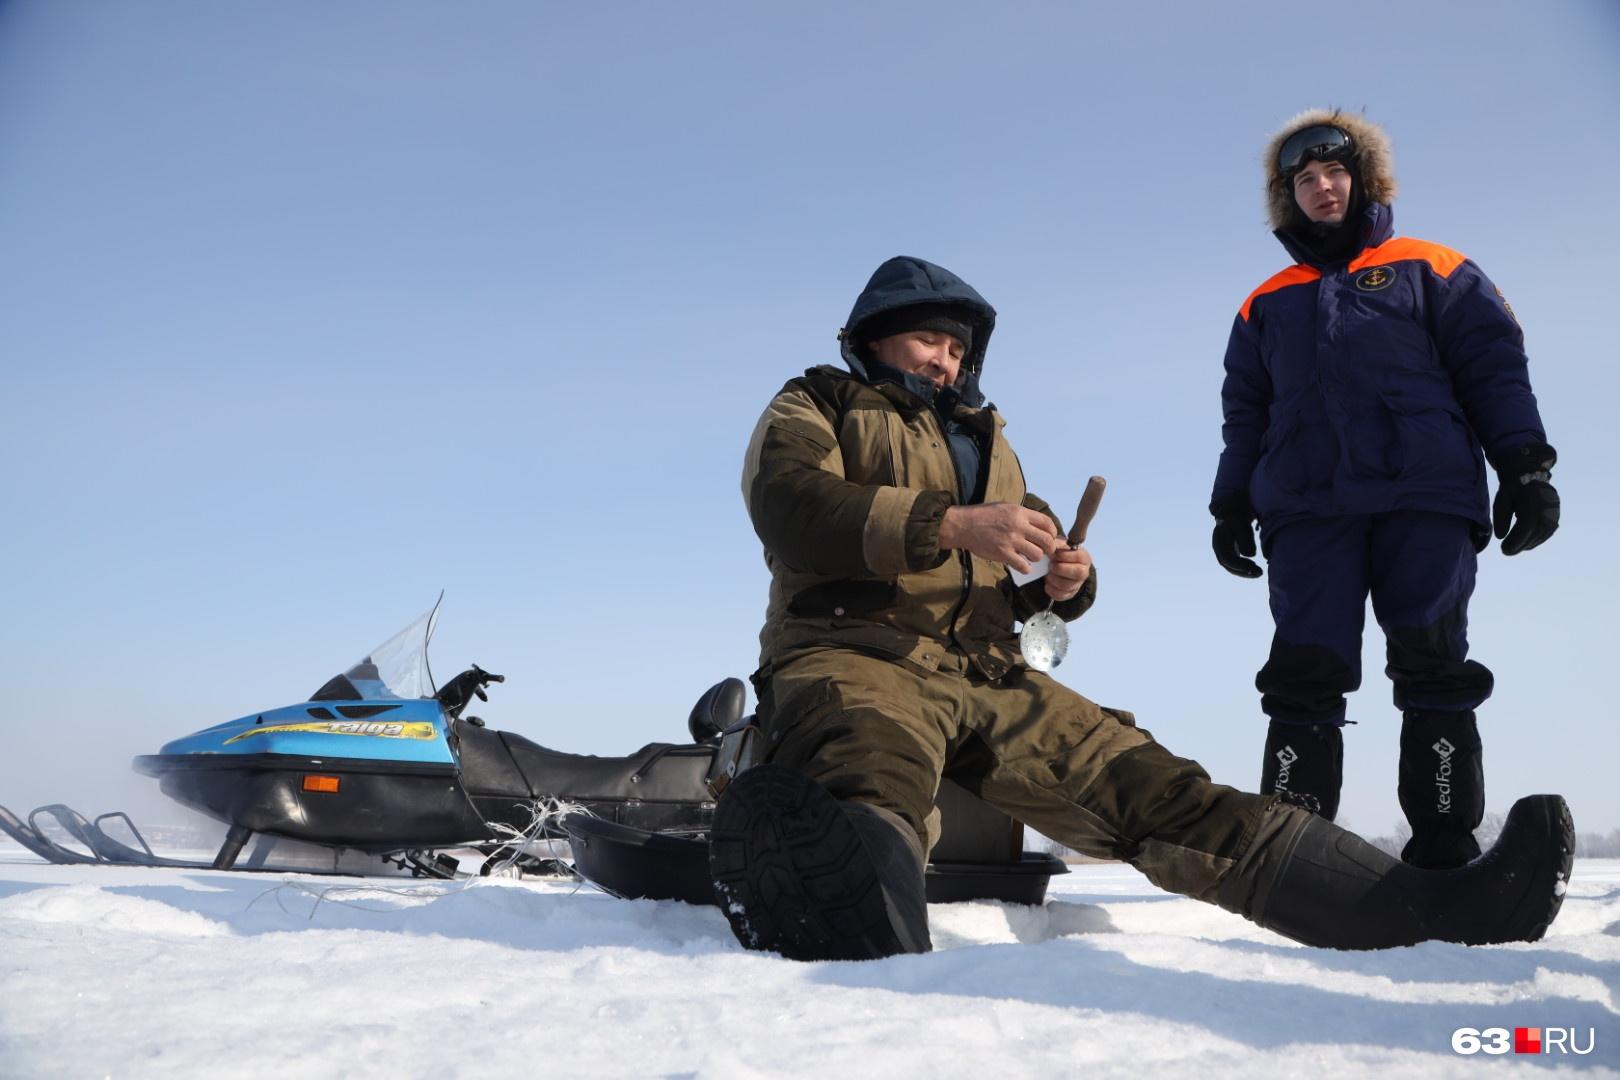 Большинство рыбаков правила помнили, но были не прочь послушать еще раз